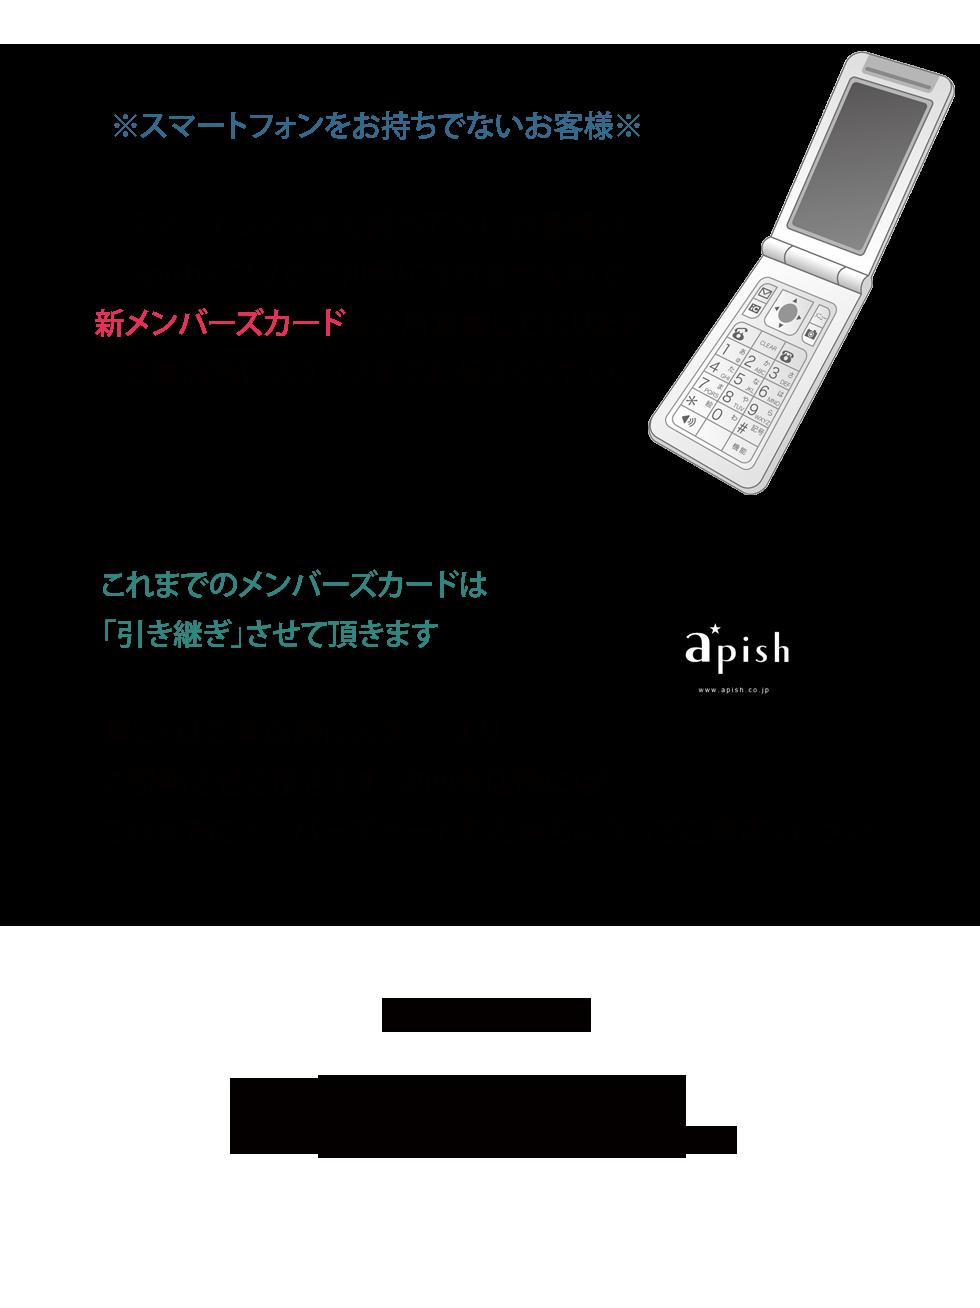 アピッシュ公式アプリのご案内